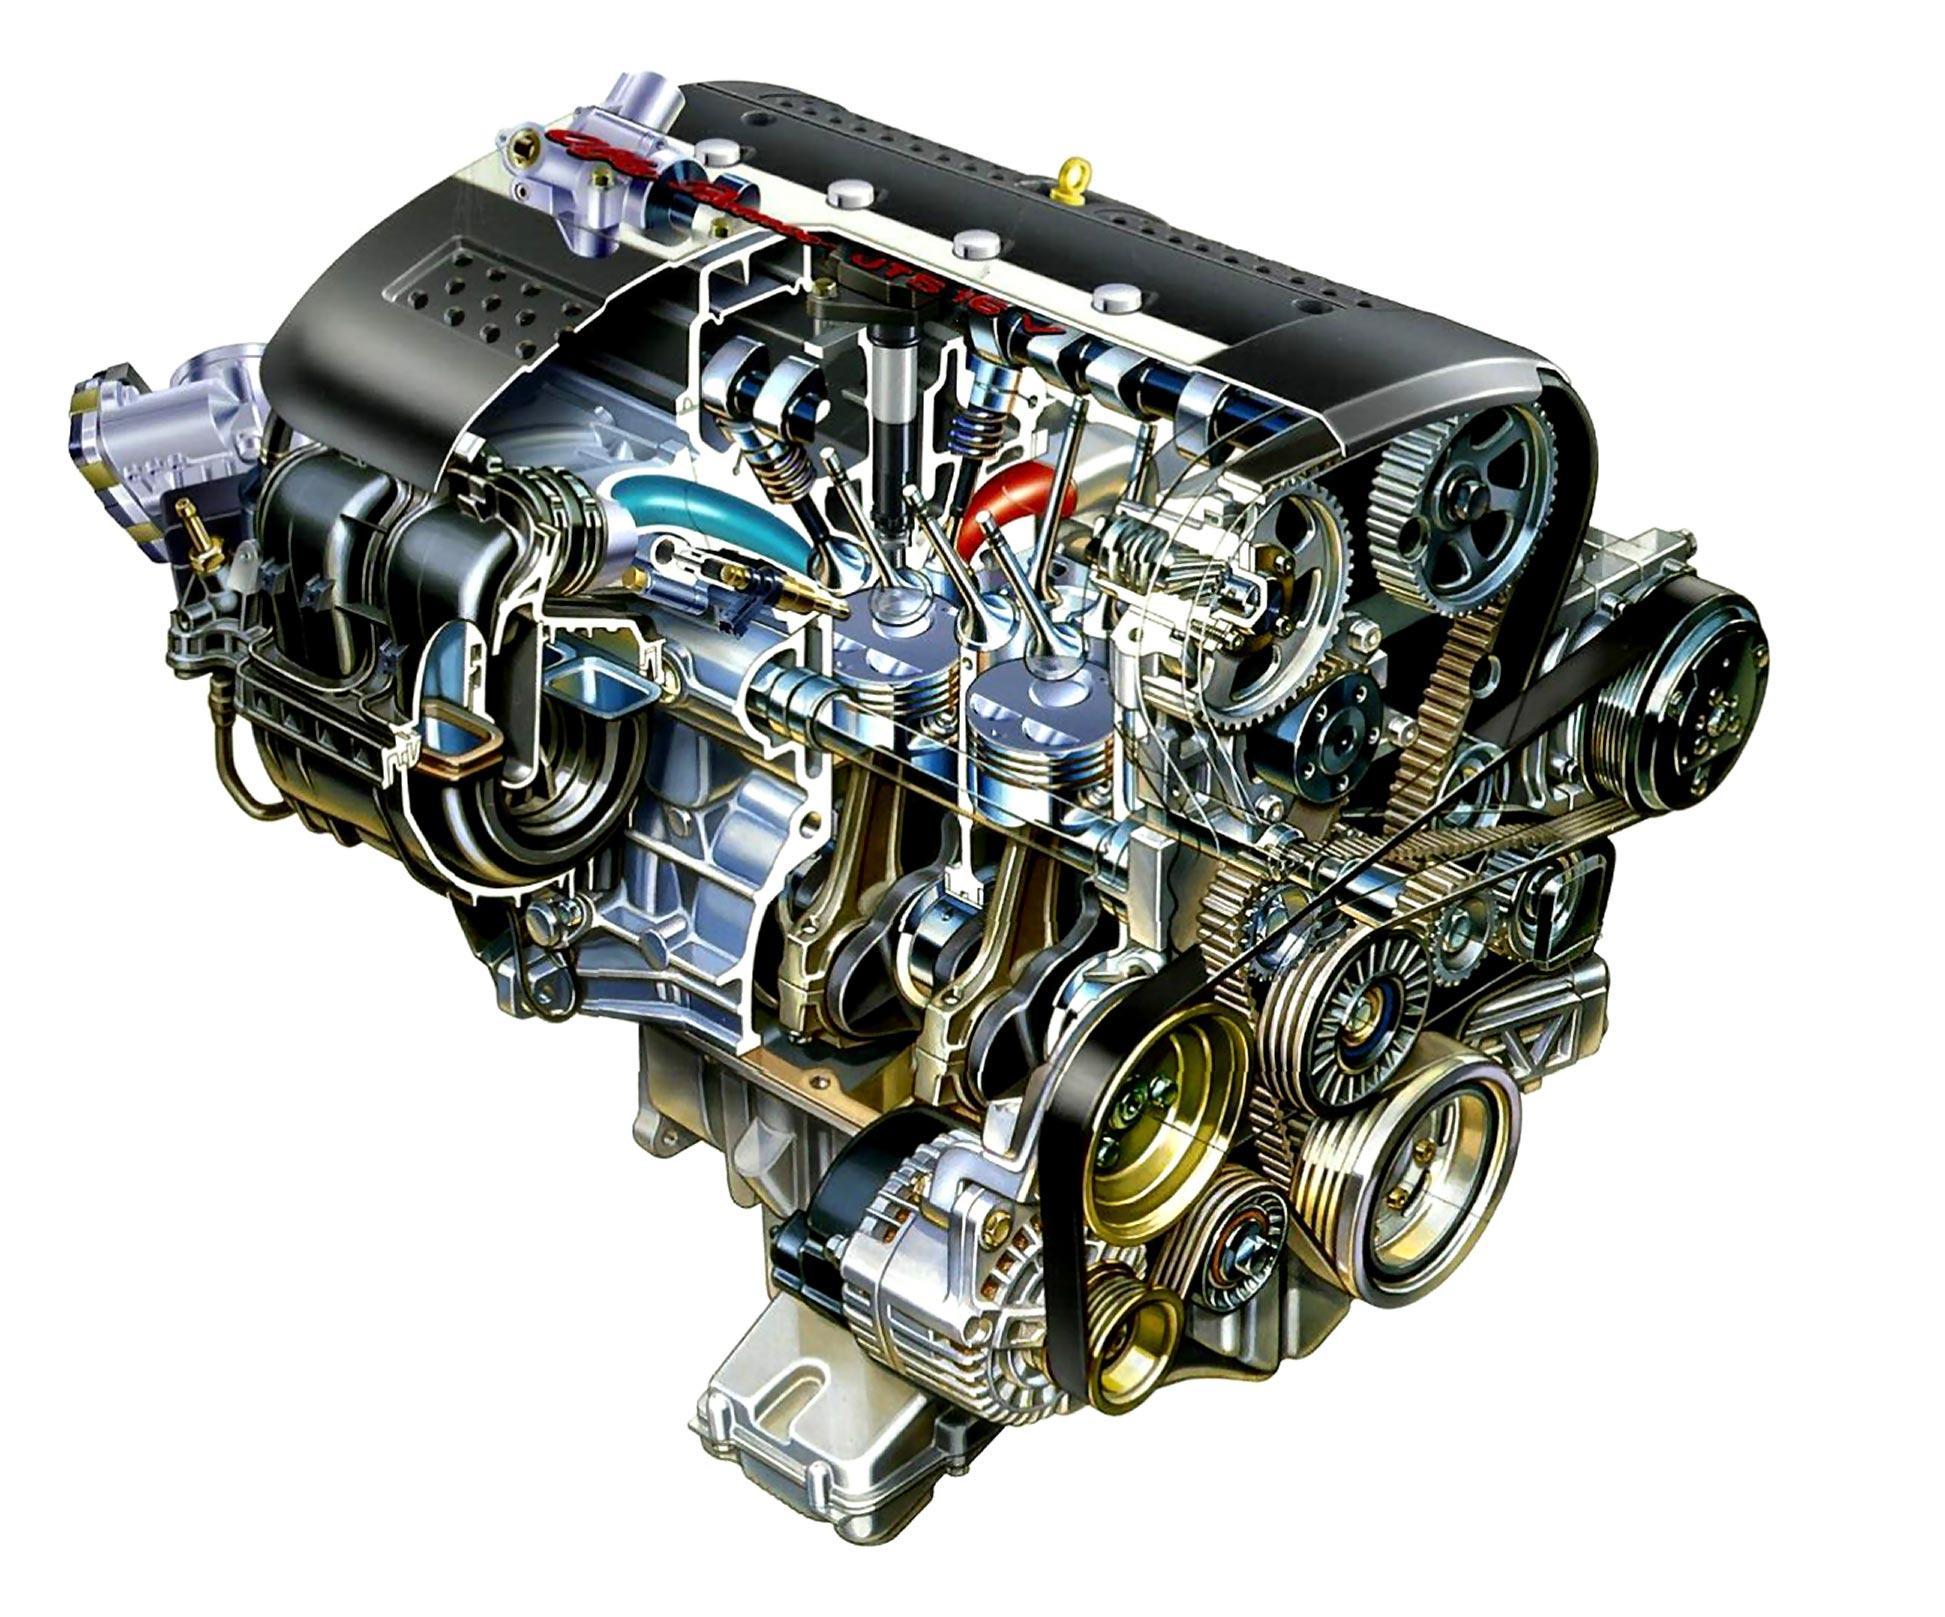 JTS engine cutaway